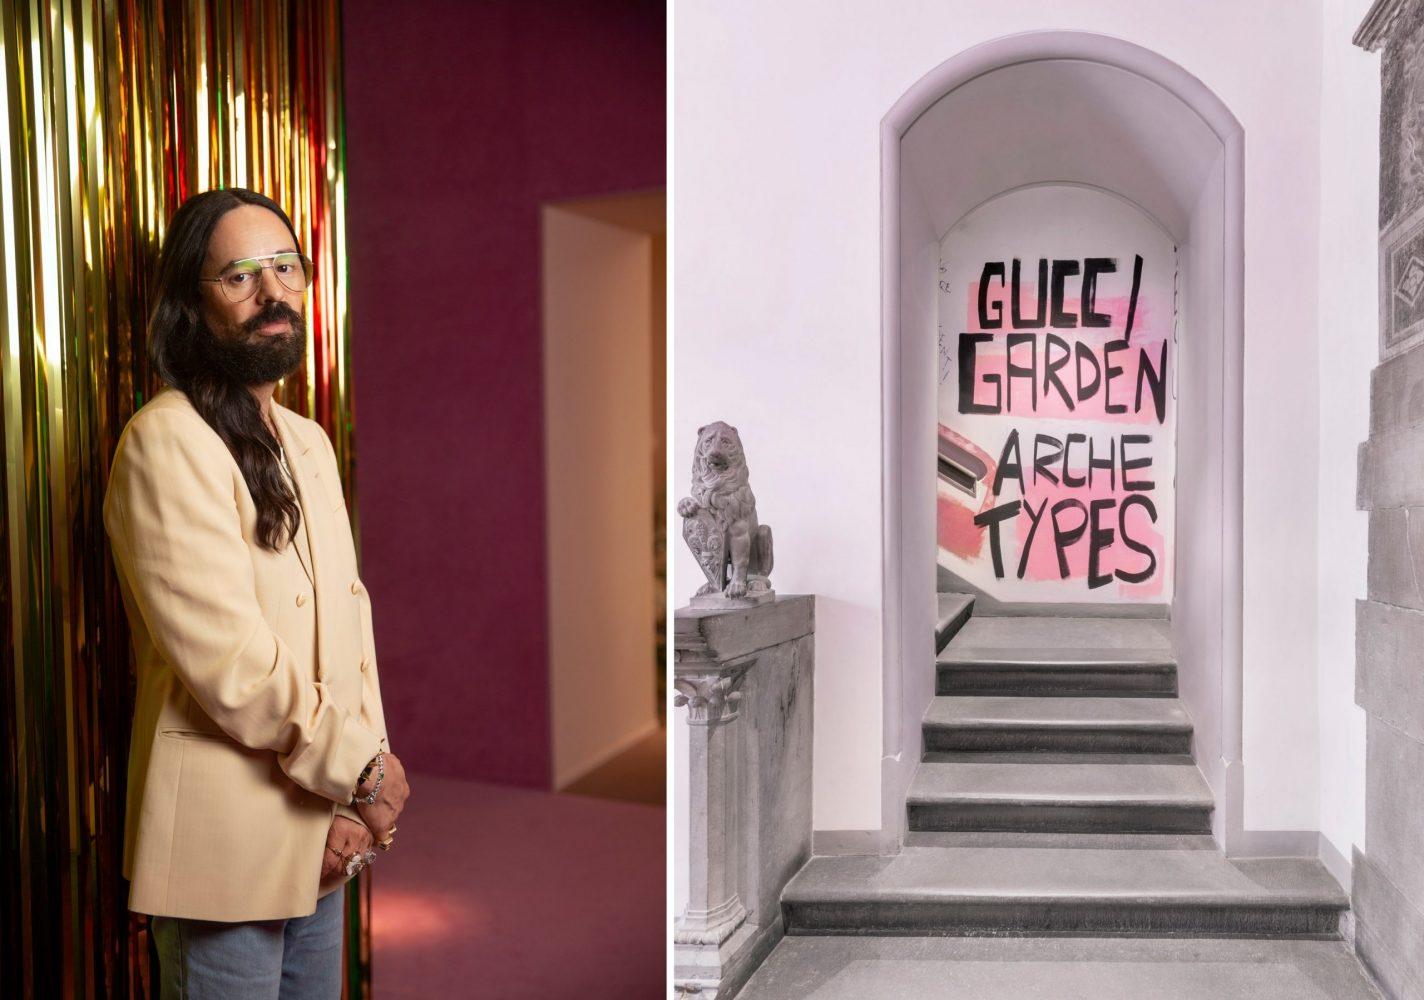 Truy cập miễn phí triển lãm Archetypes mừng sinh nhật 100 tuổi của Gucci